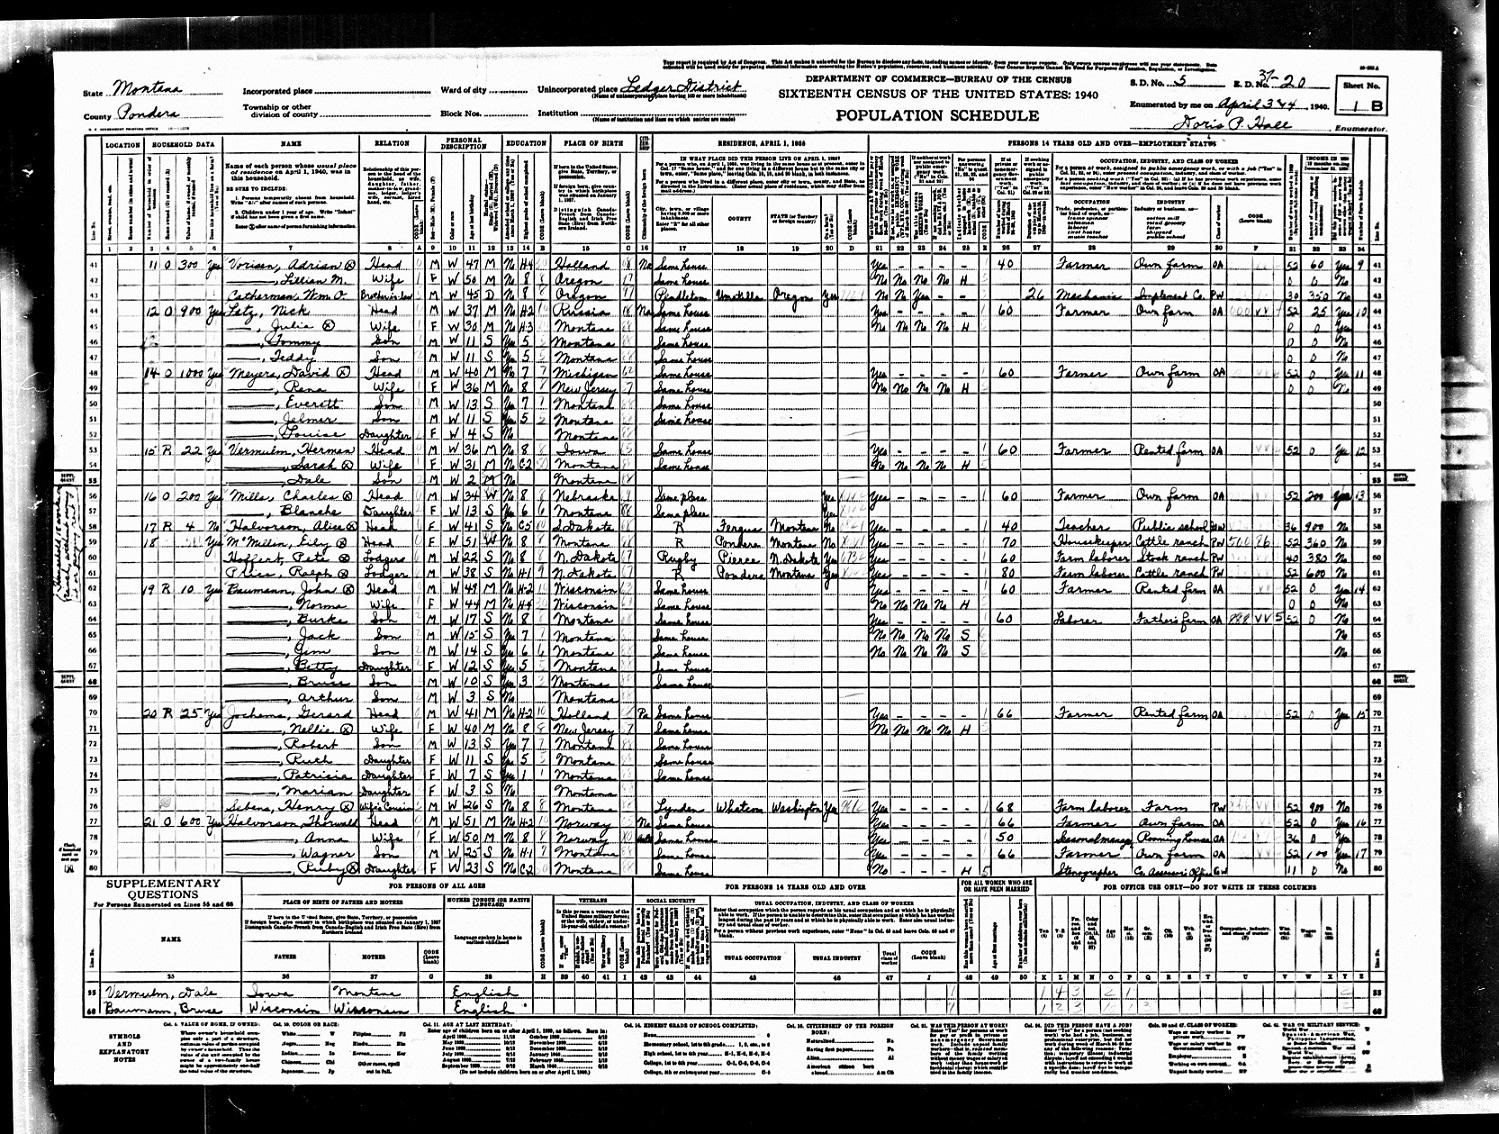 Montana pondera county ledger -  Norma Baumann 1940 Census Ledger Pondera County Montana